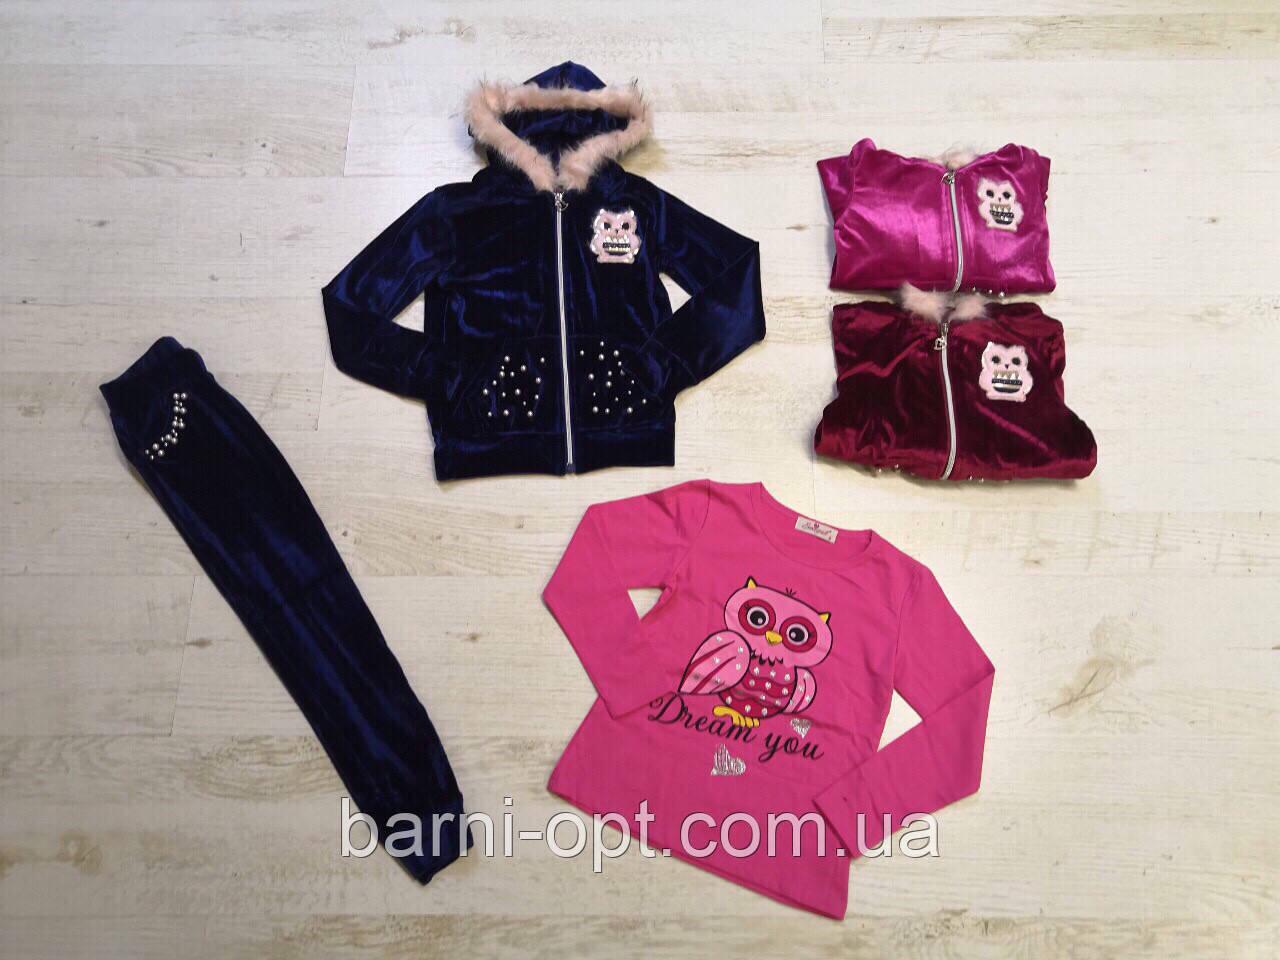 Велюровый костюм-тройка на девочку оптом, Seagull, 4-12 рр